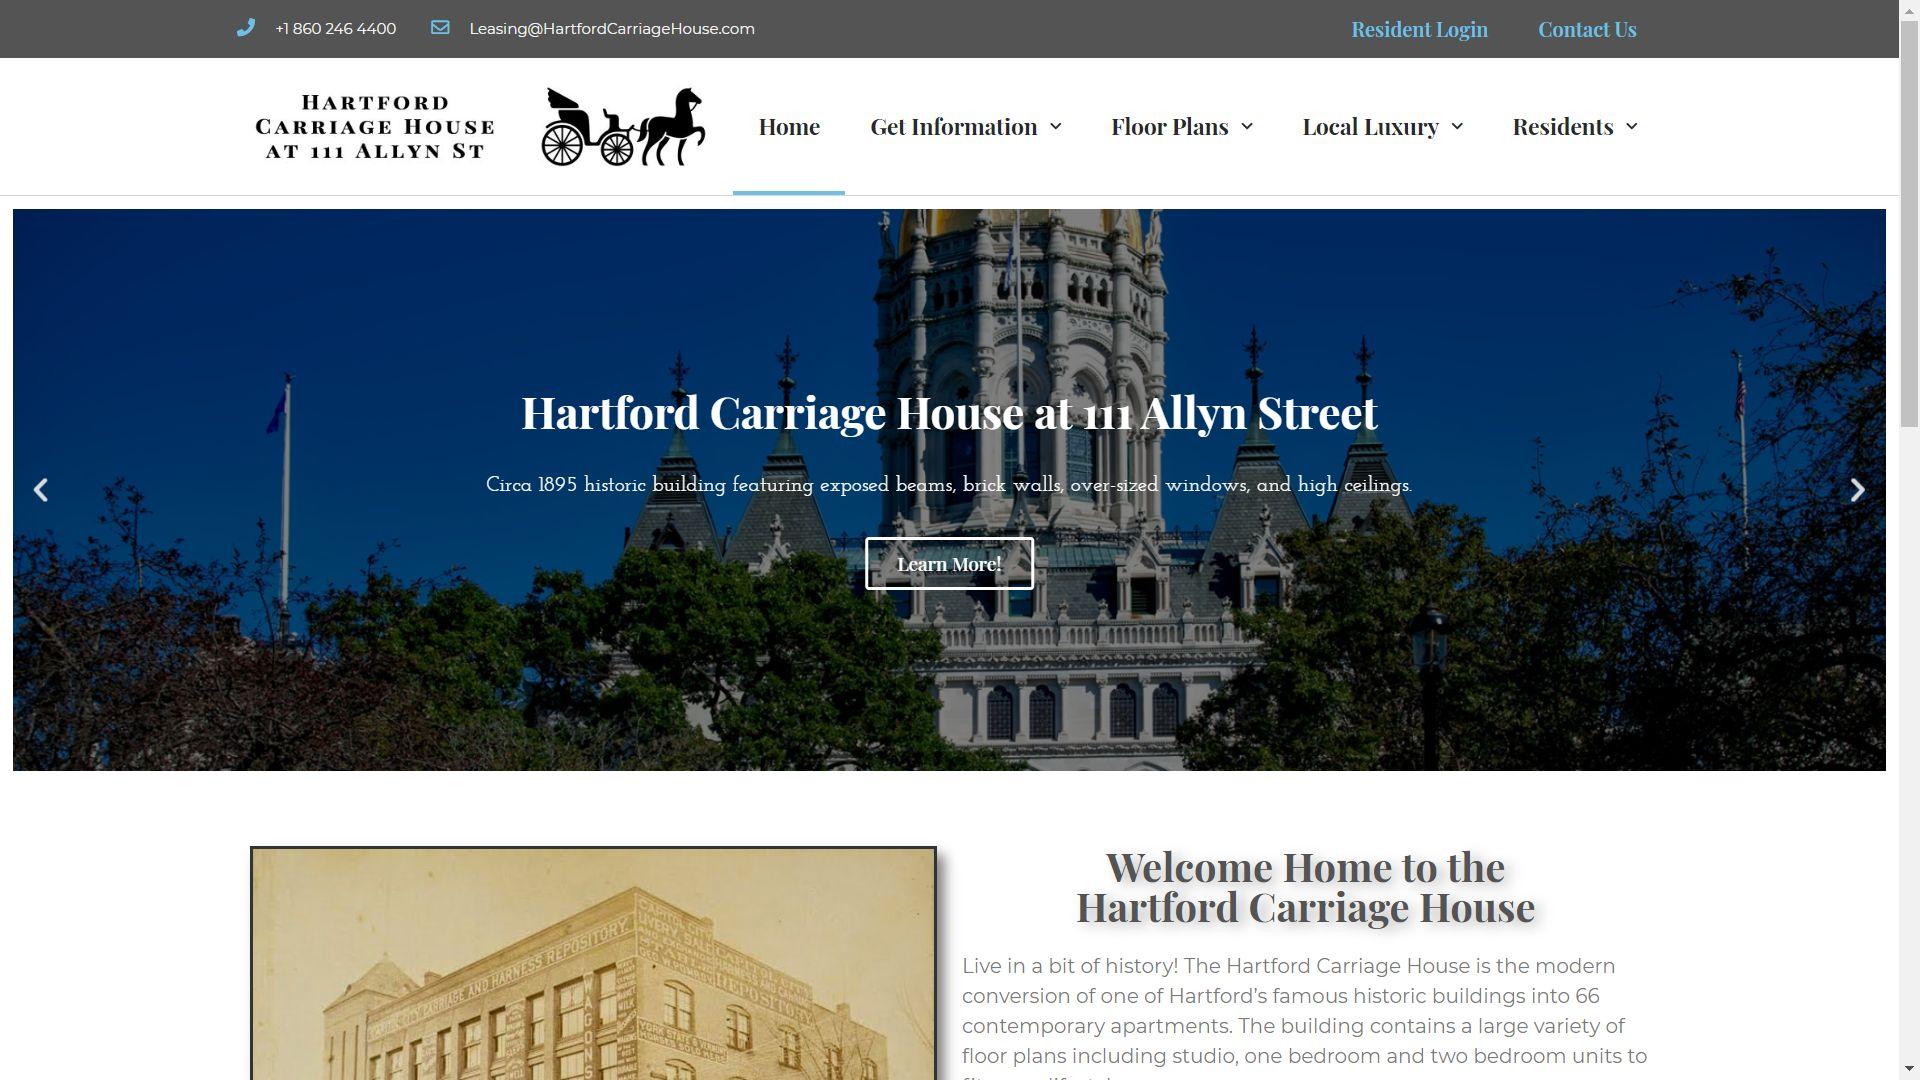 HartfordCarriageHouse.com